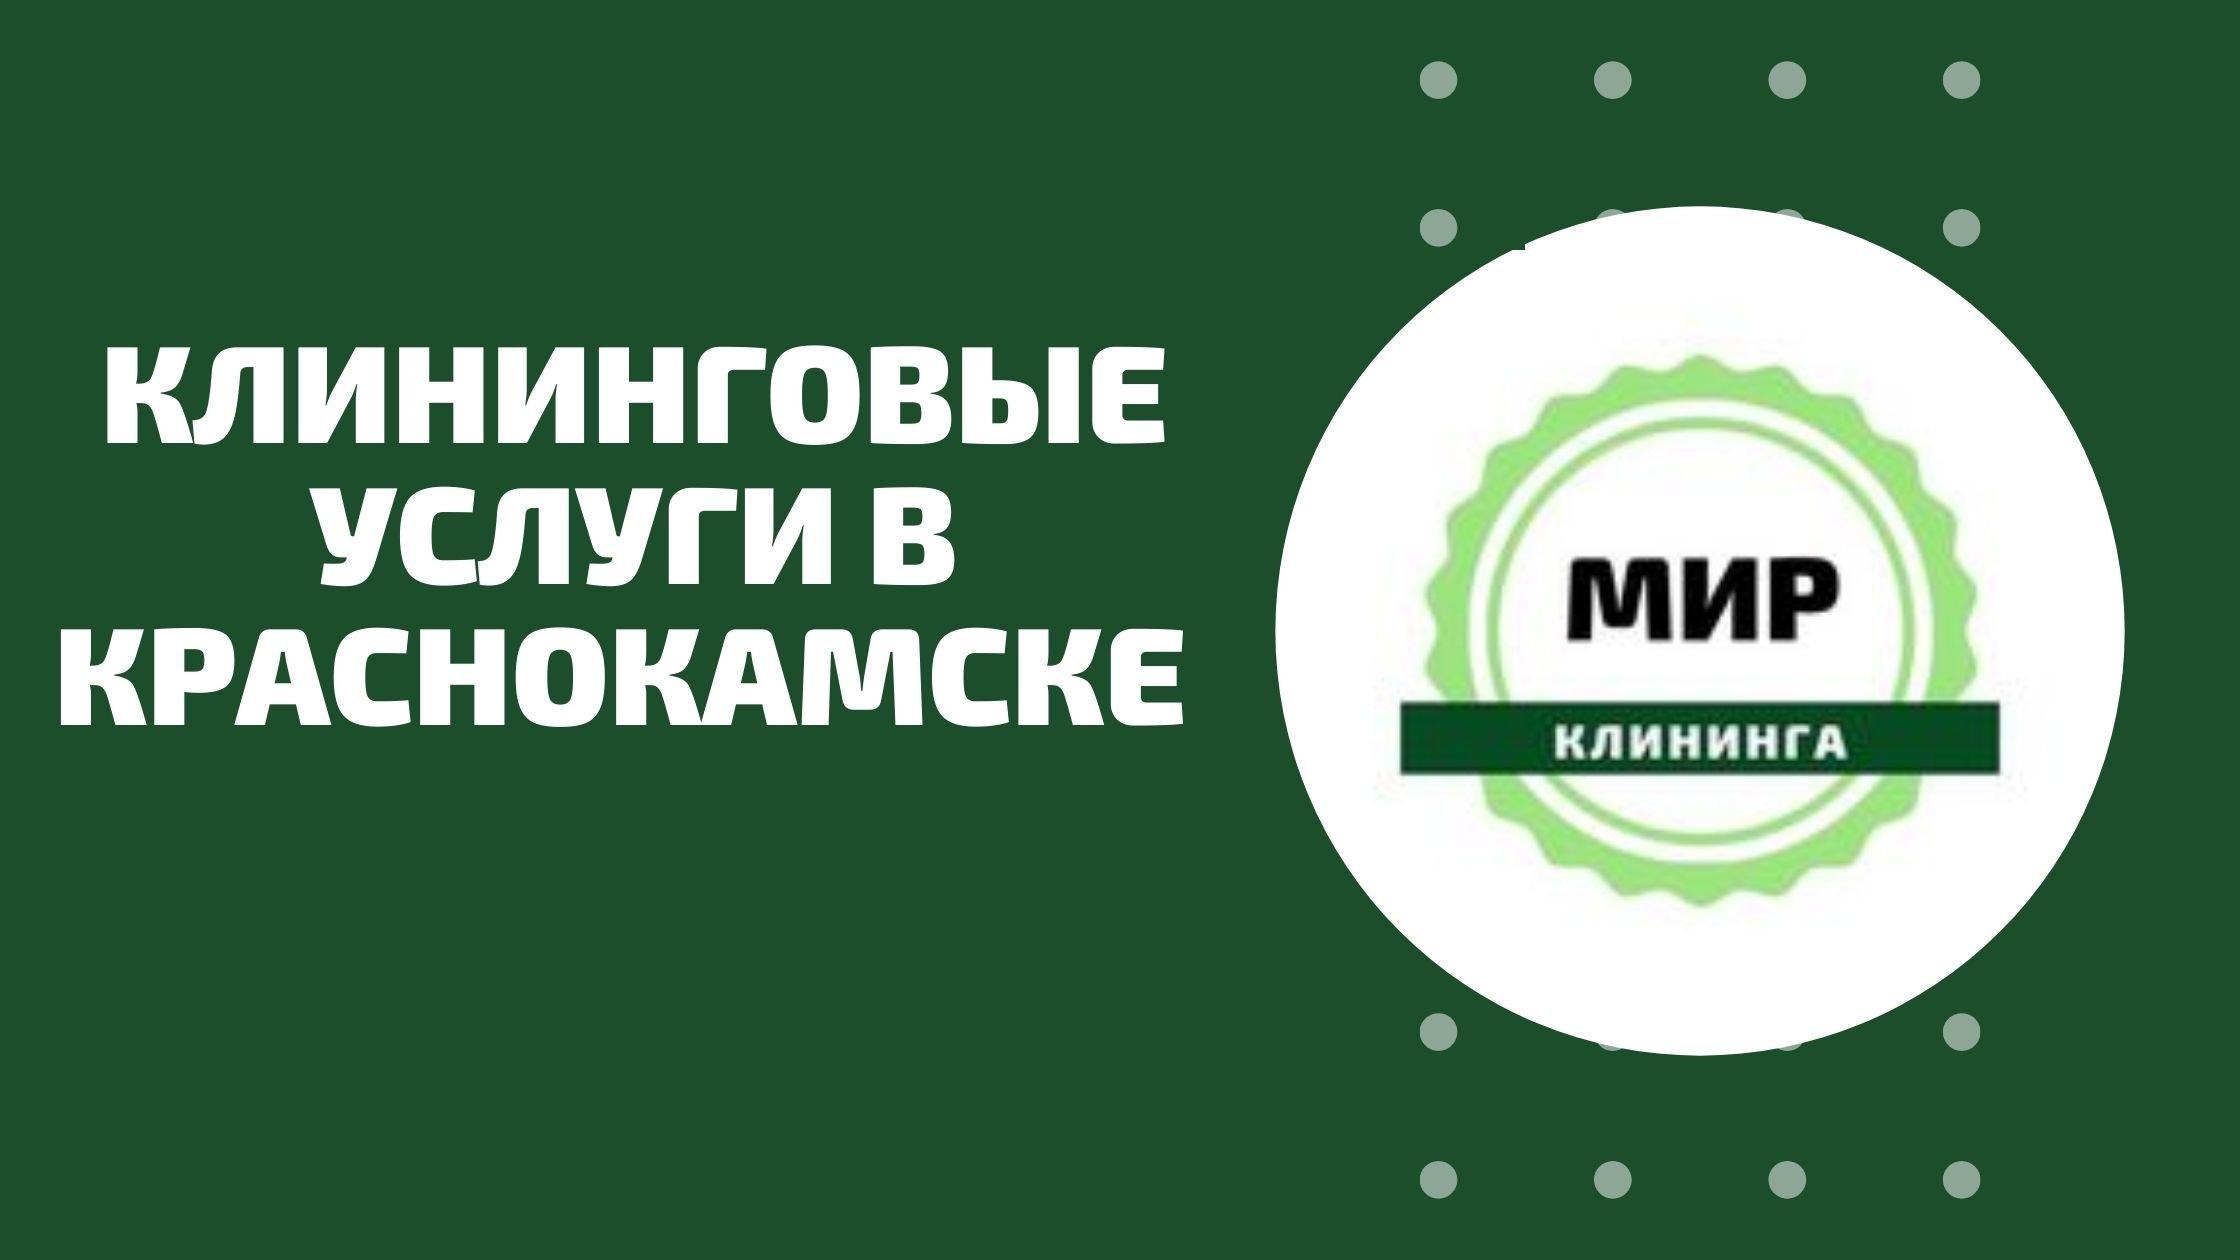 клининговая компания краснокамск